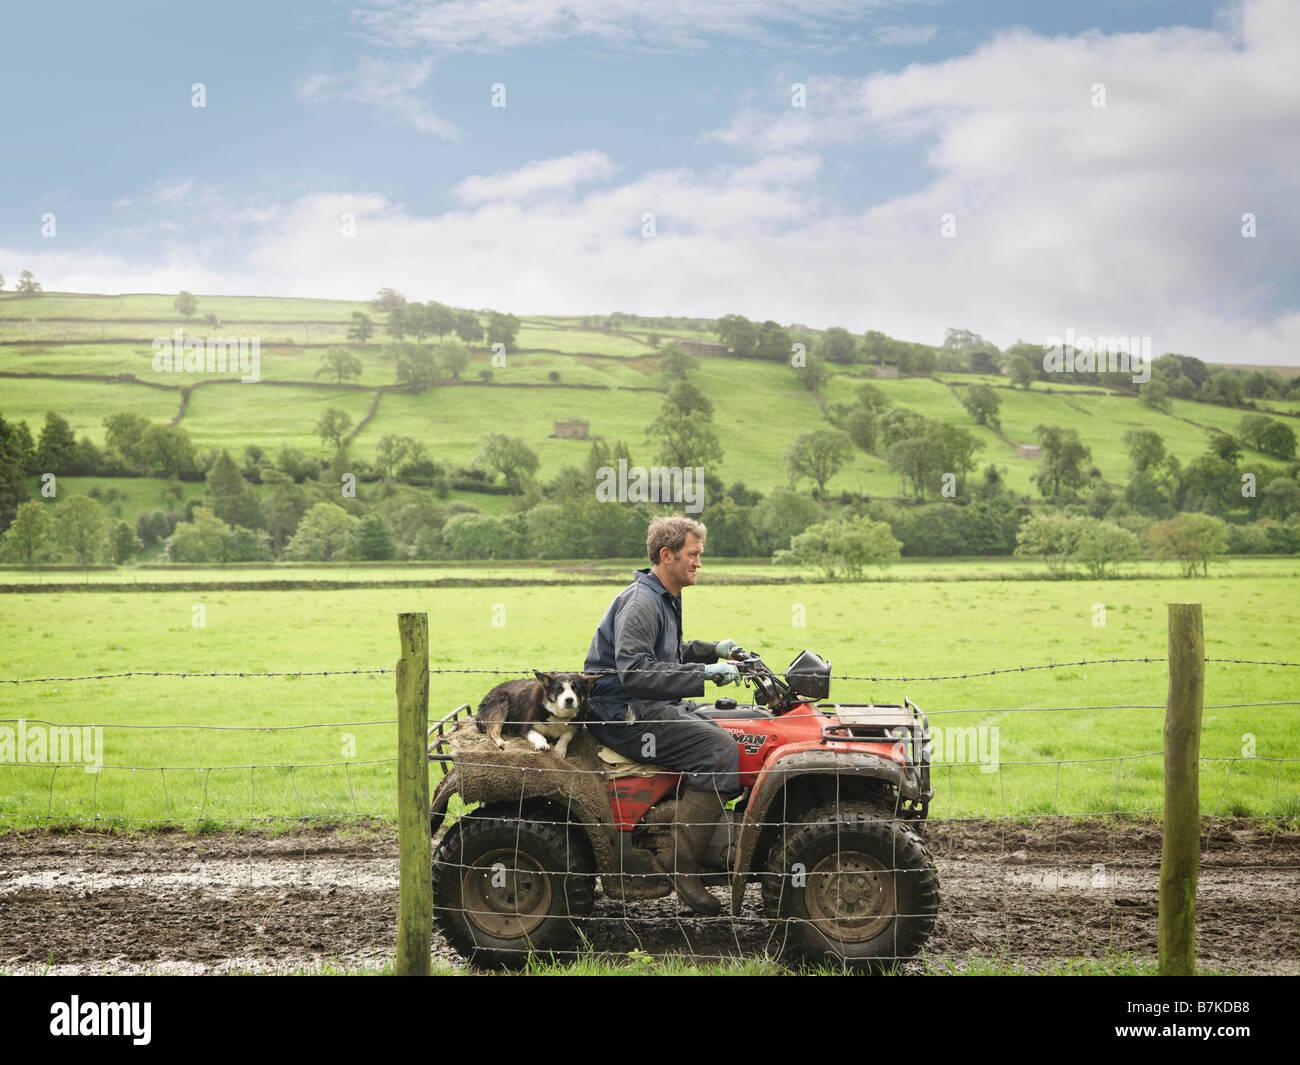 El agricultor y el perro en el tractor Imagen De Stock